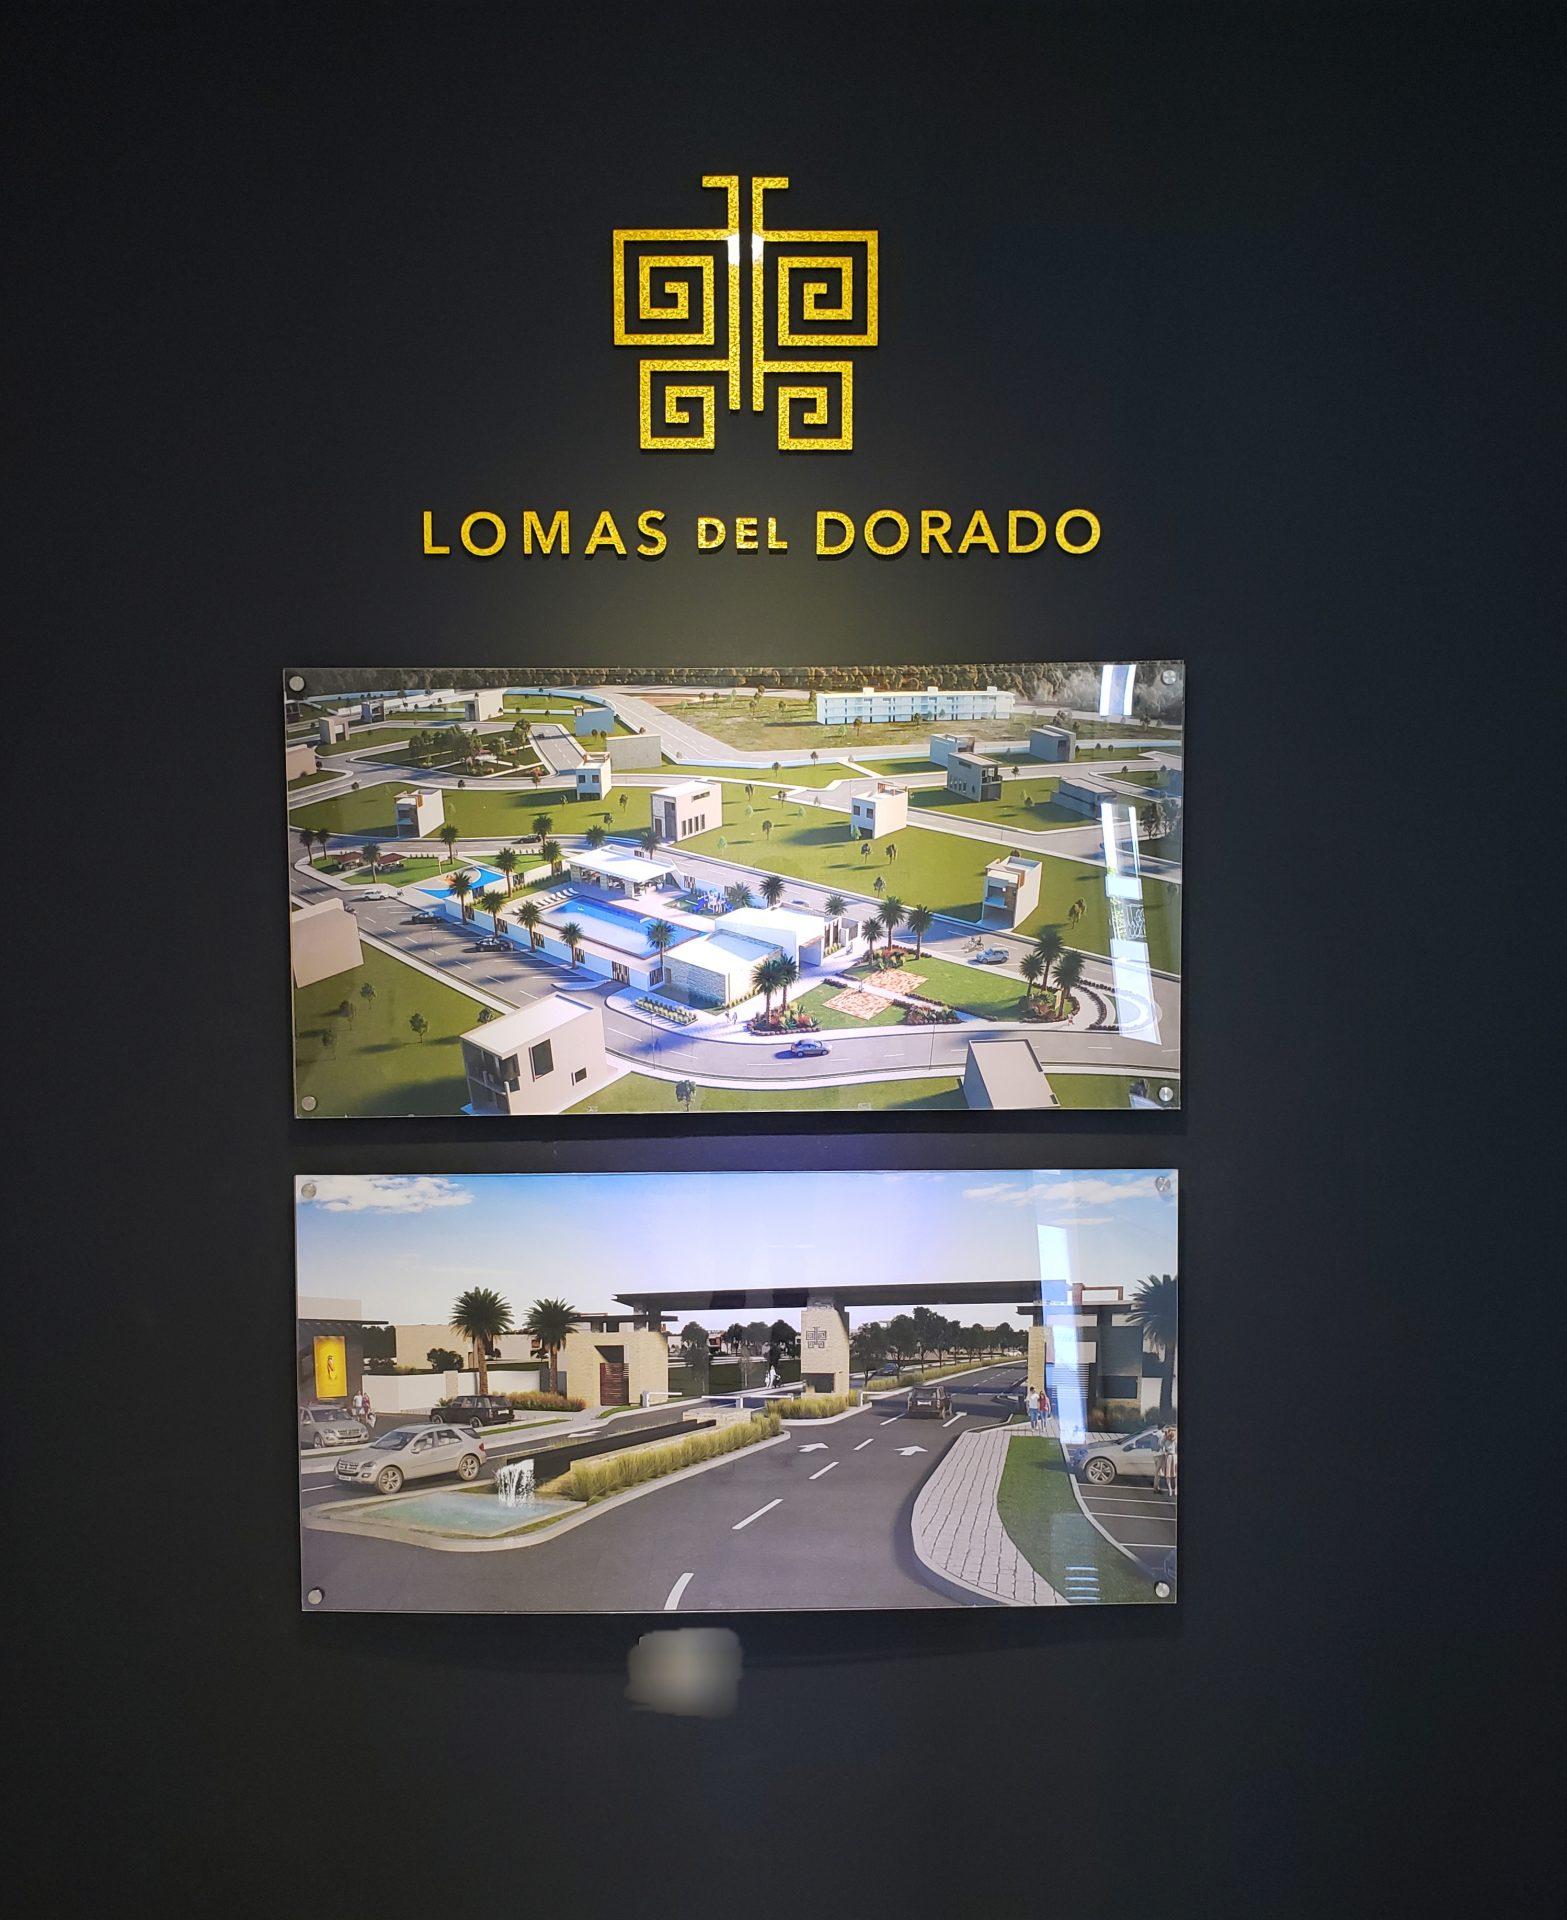 Lomas del Dorado